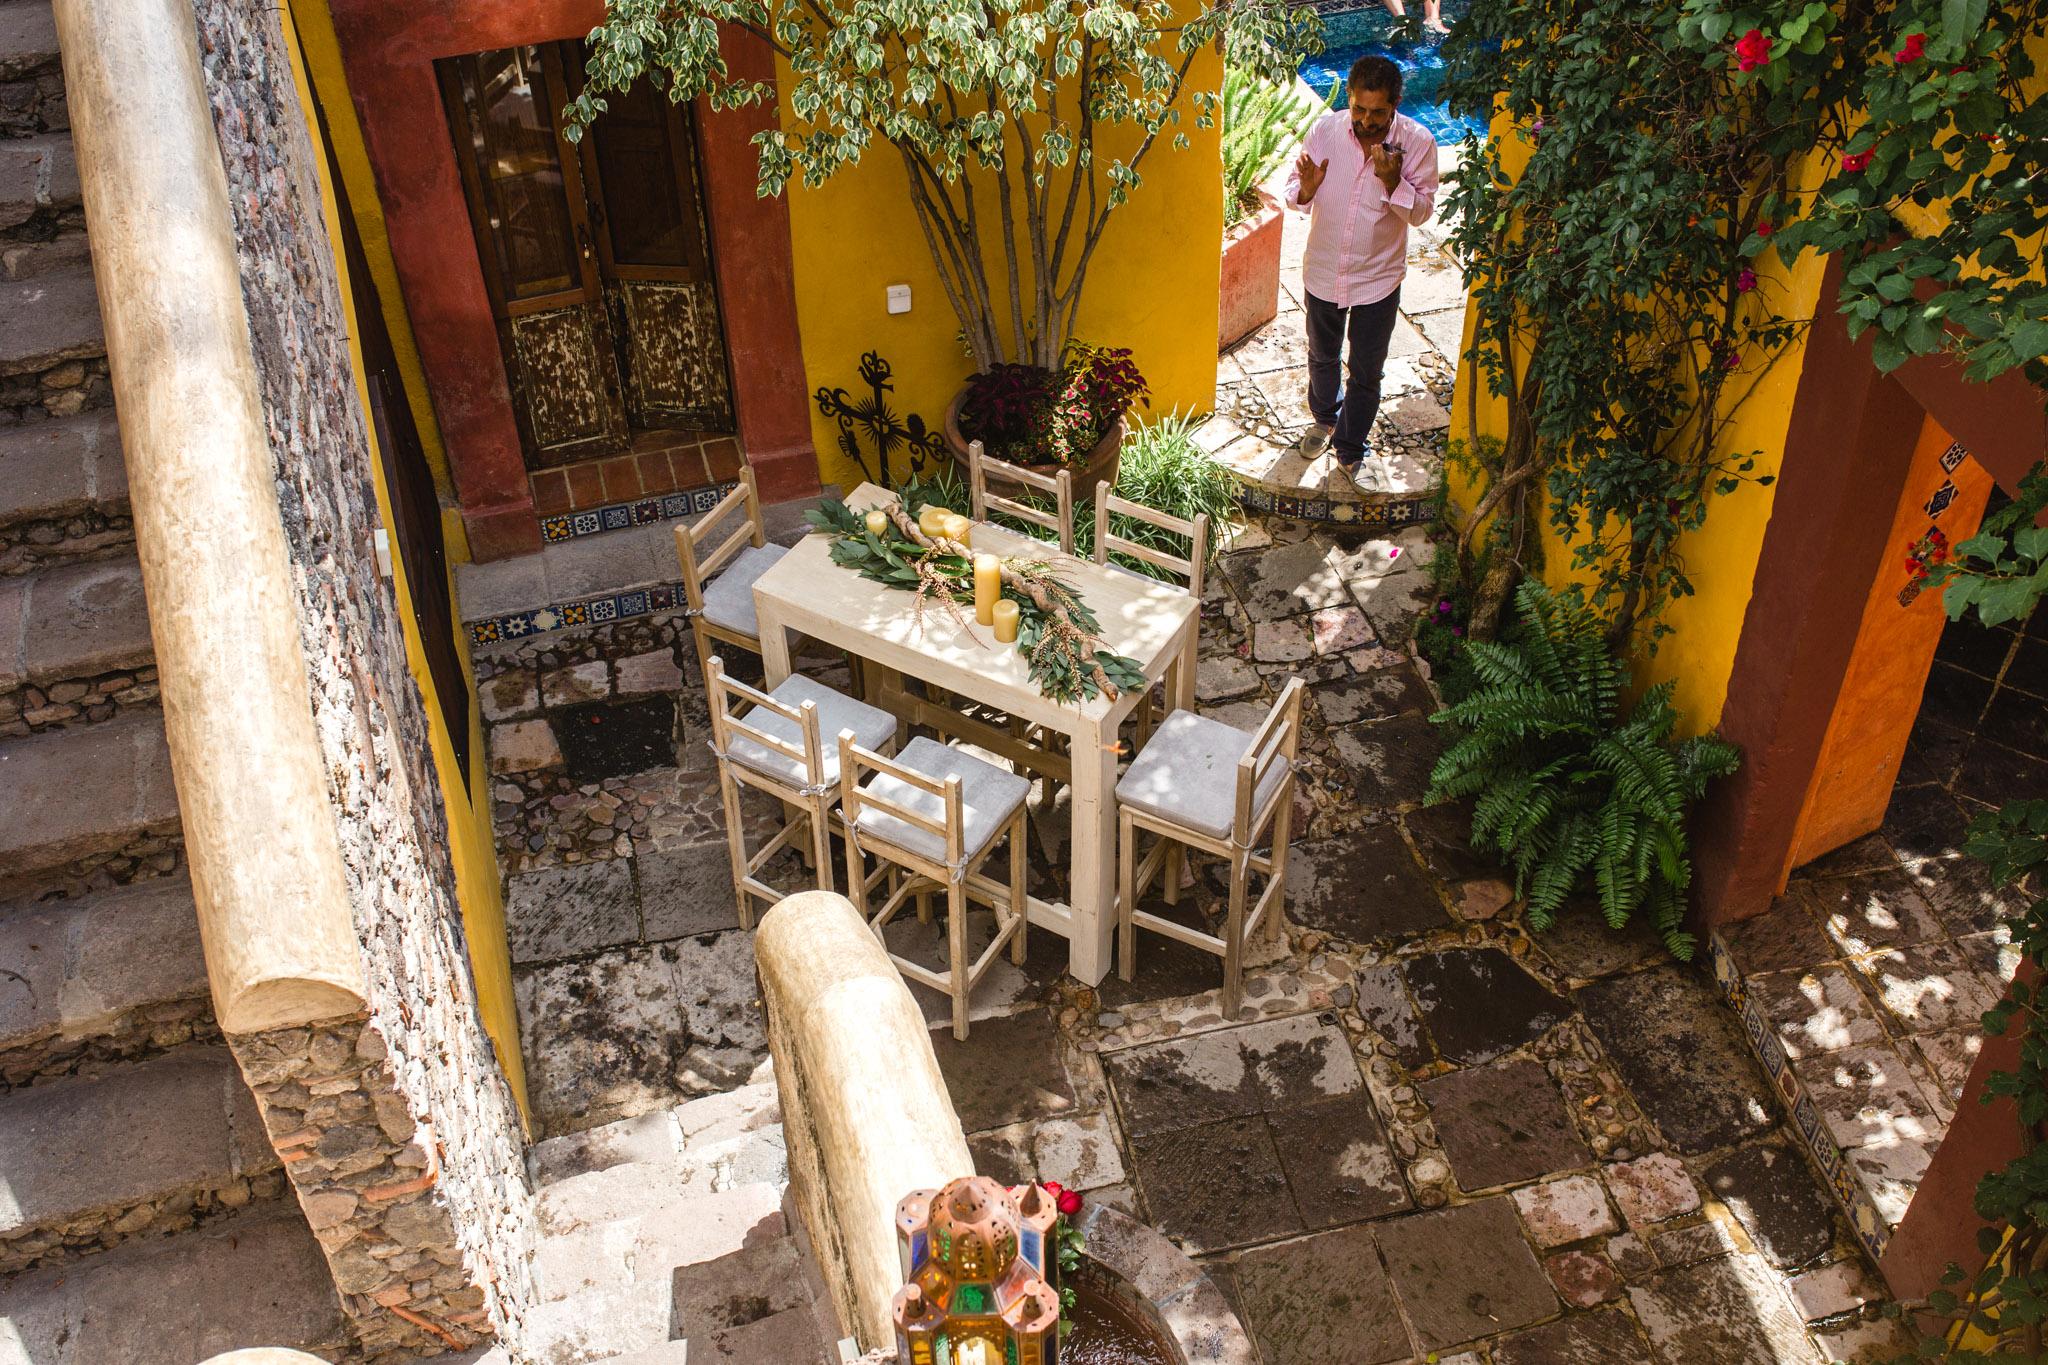 Blog-Wedding-Destination-Photography-San-Miguel-de-Allende-Jorge-Navarrete-Fotografía-Boda-Sandra-Beto-2.jpg